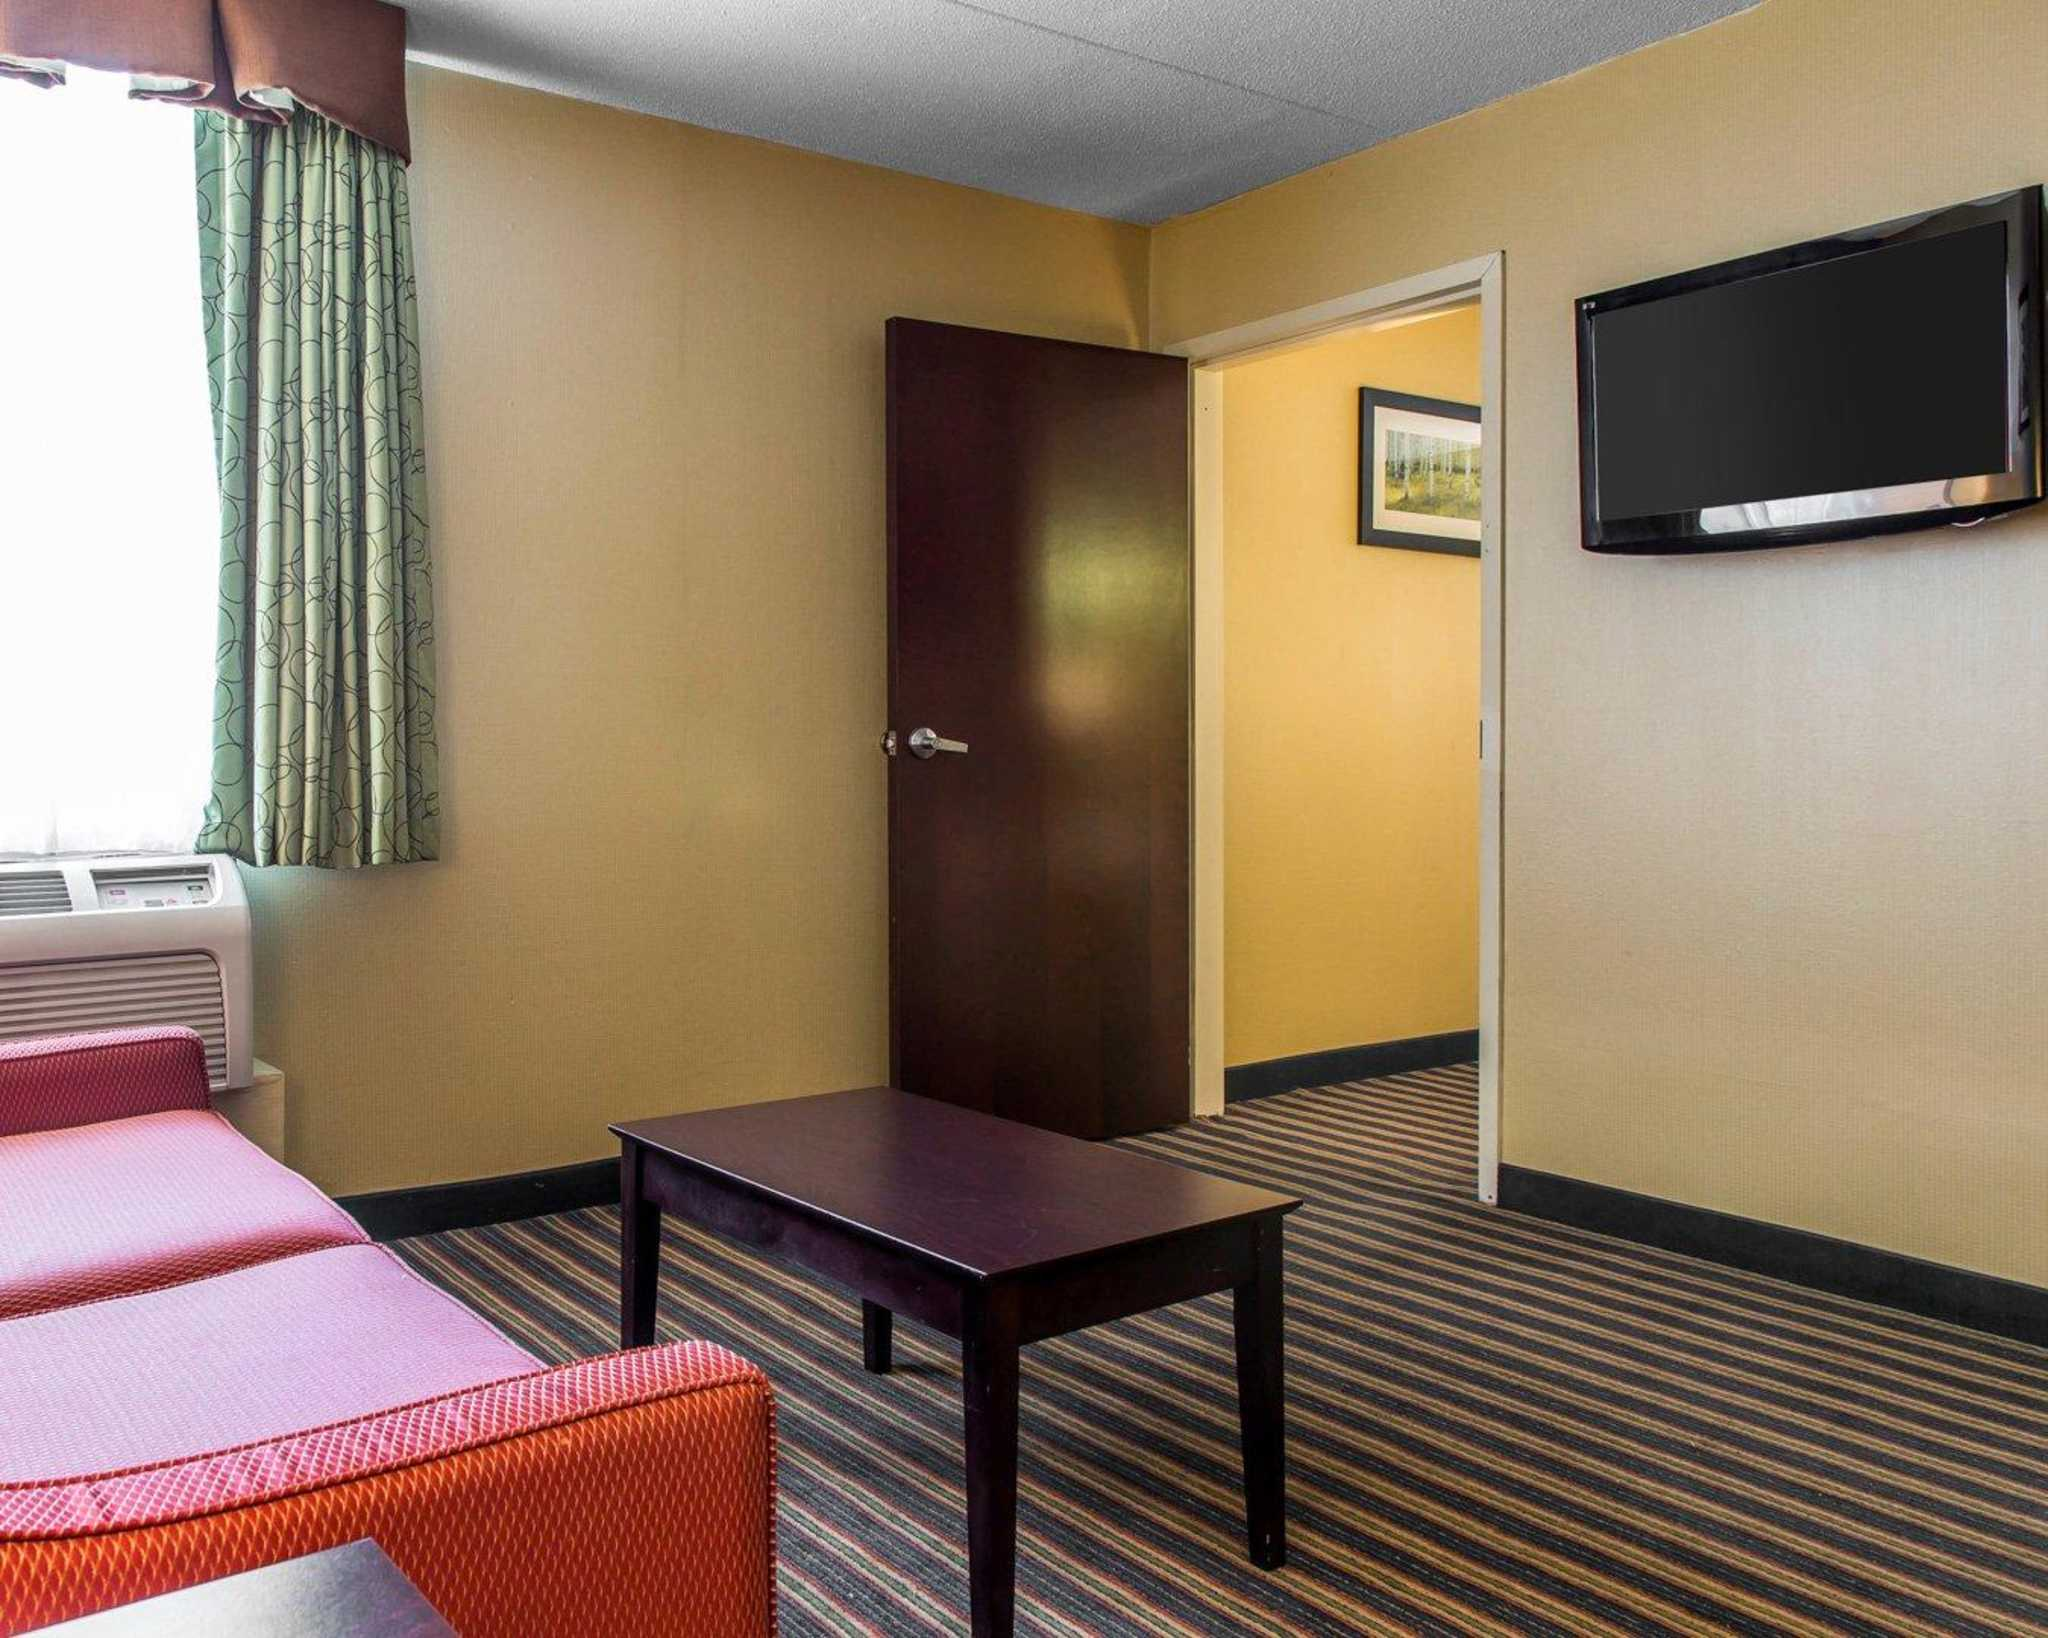 Comfort Inn & Suites East Hartford - Hartford image 15